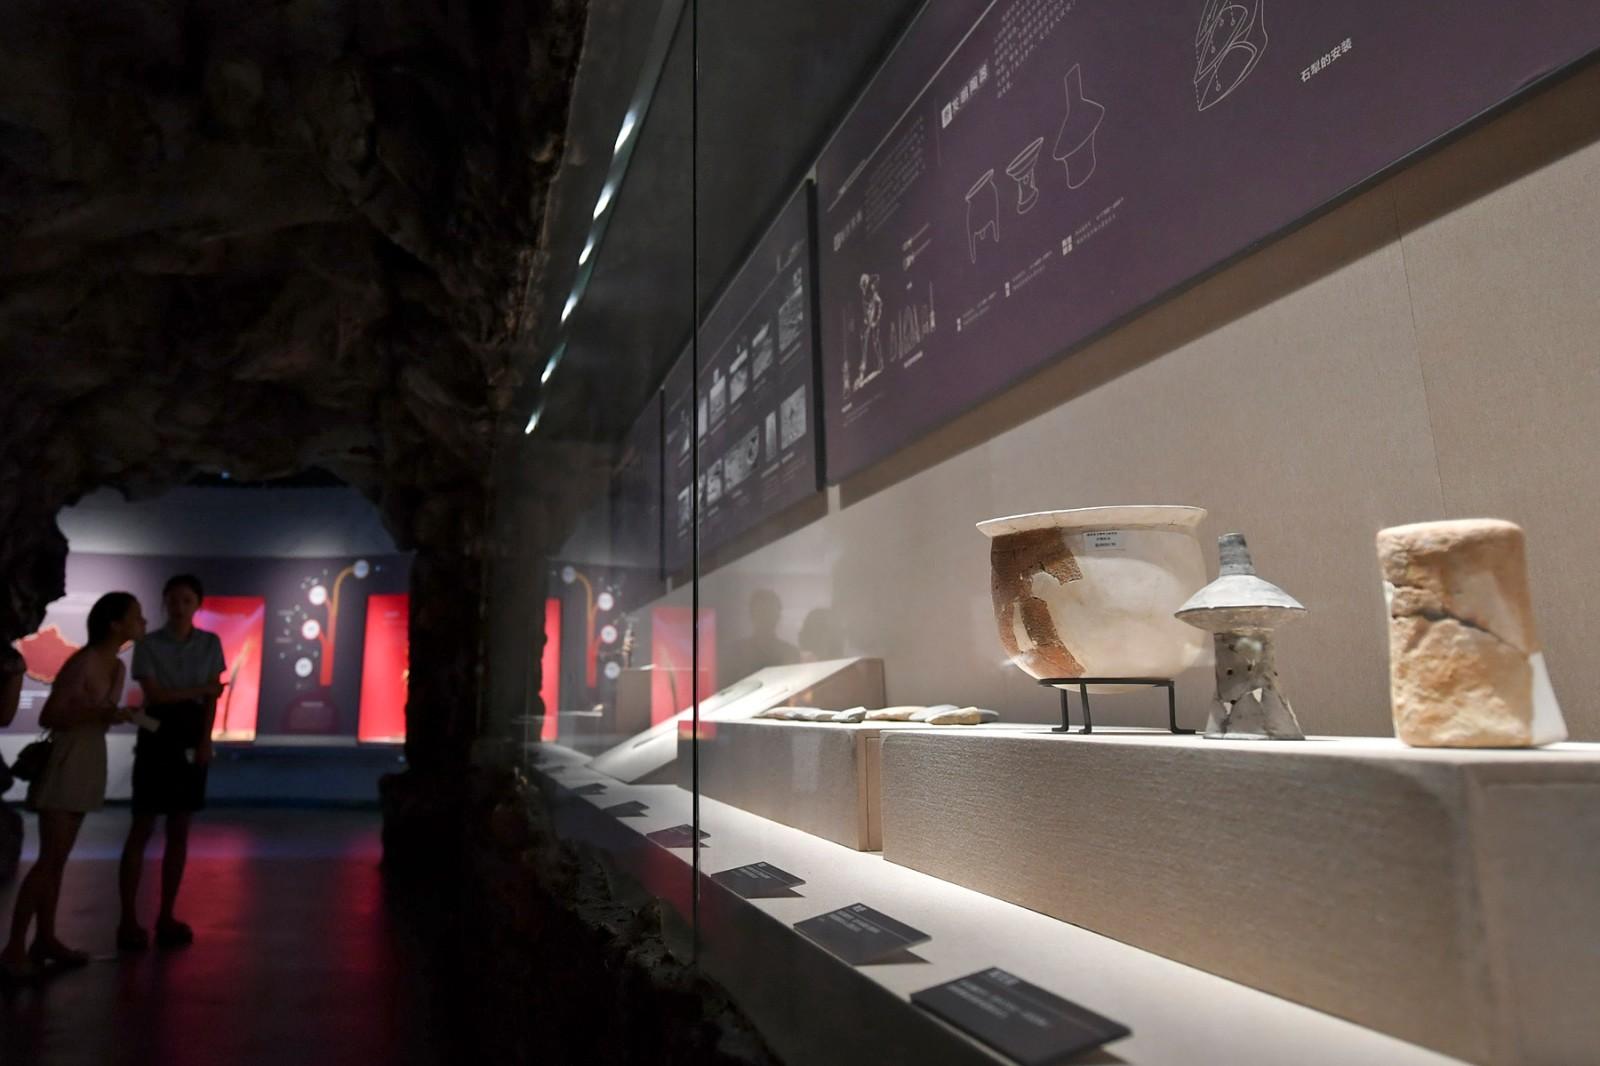 700多件展品全方位展示农耕文化。 长沙晚报全媒体记者 王志伟 摄